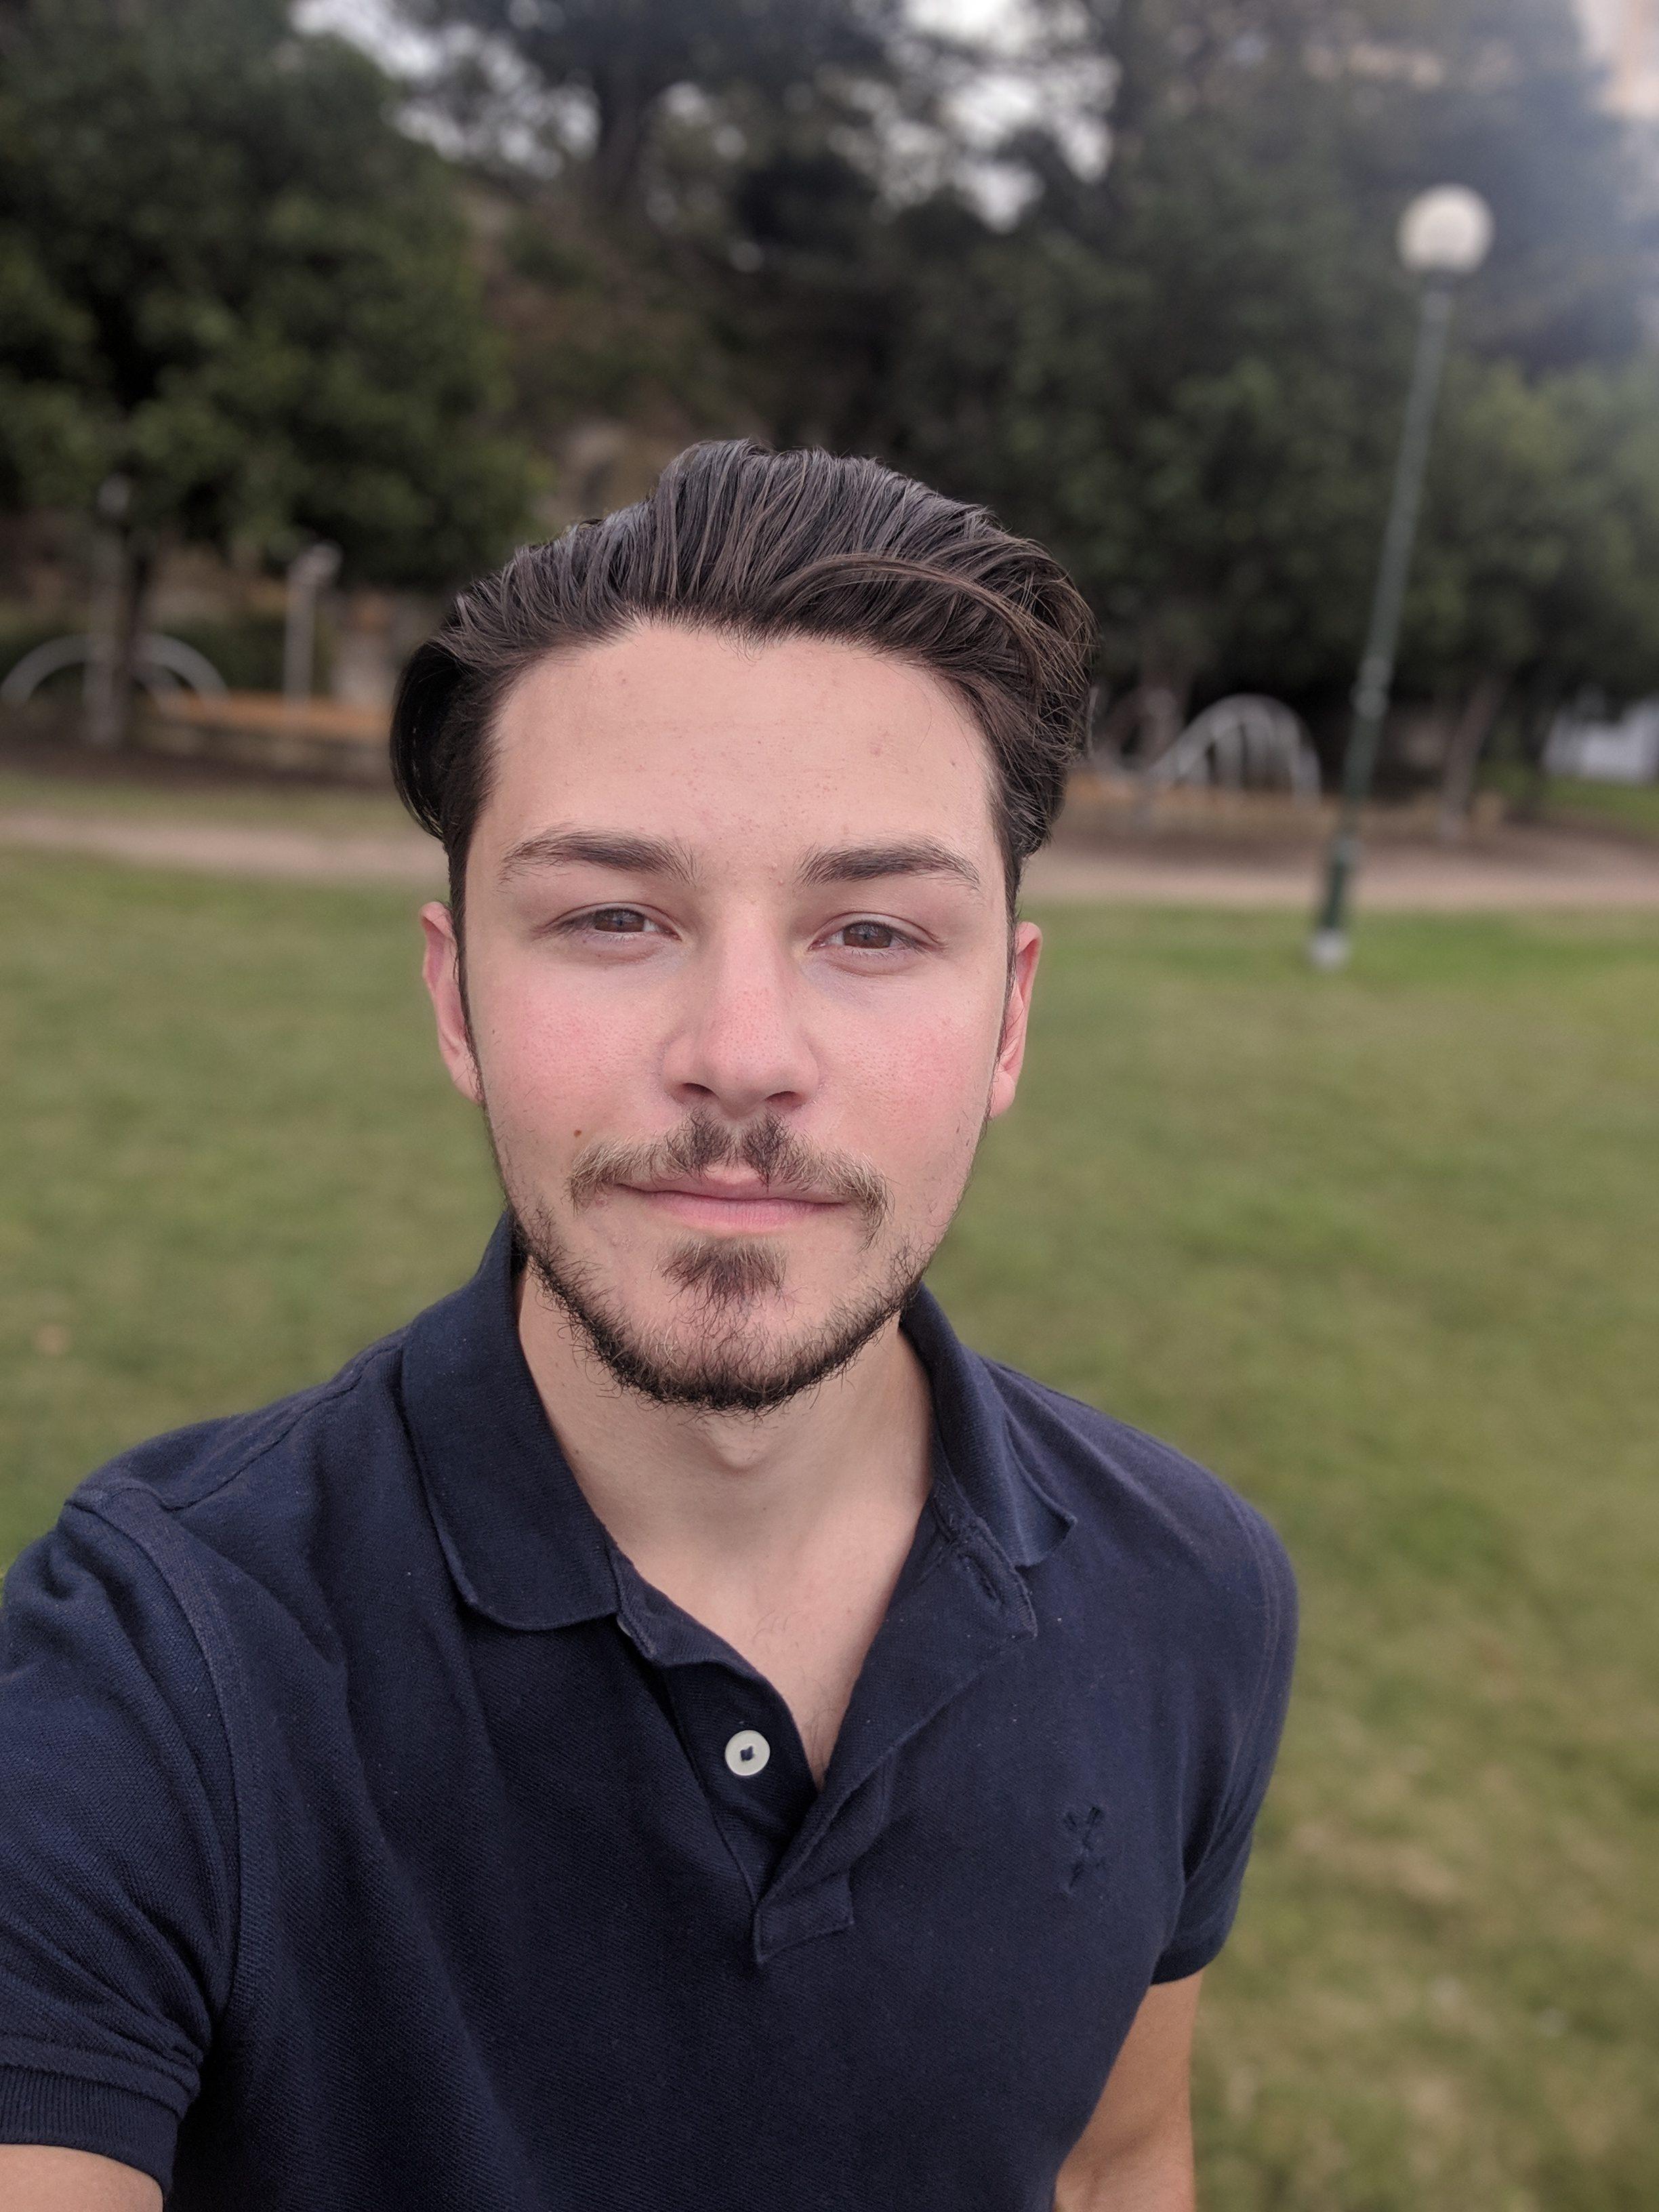 Selfie a guy in park